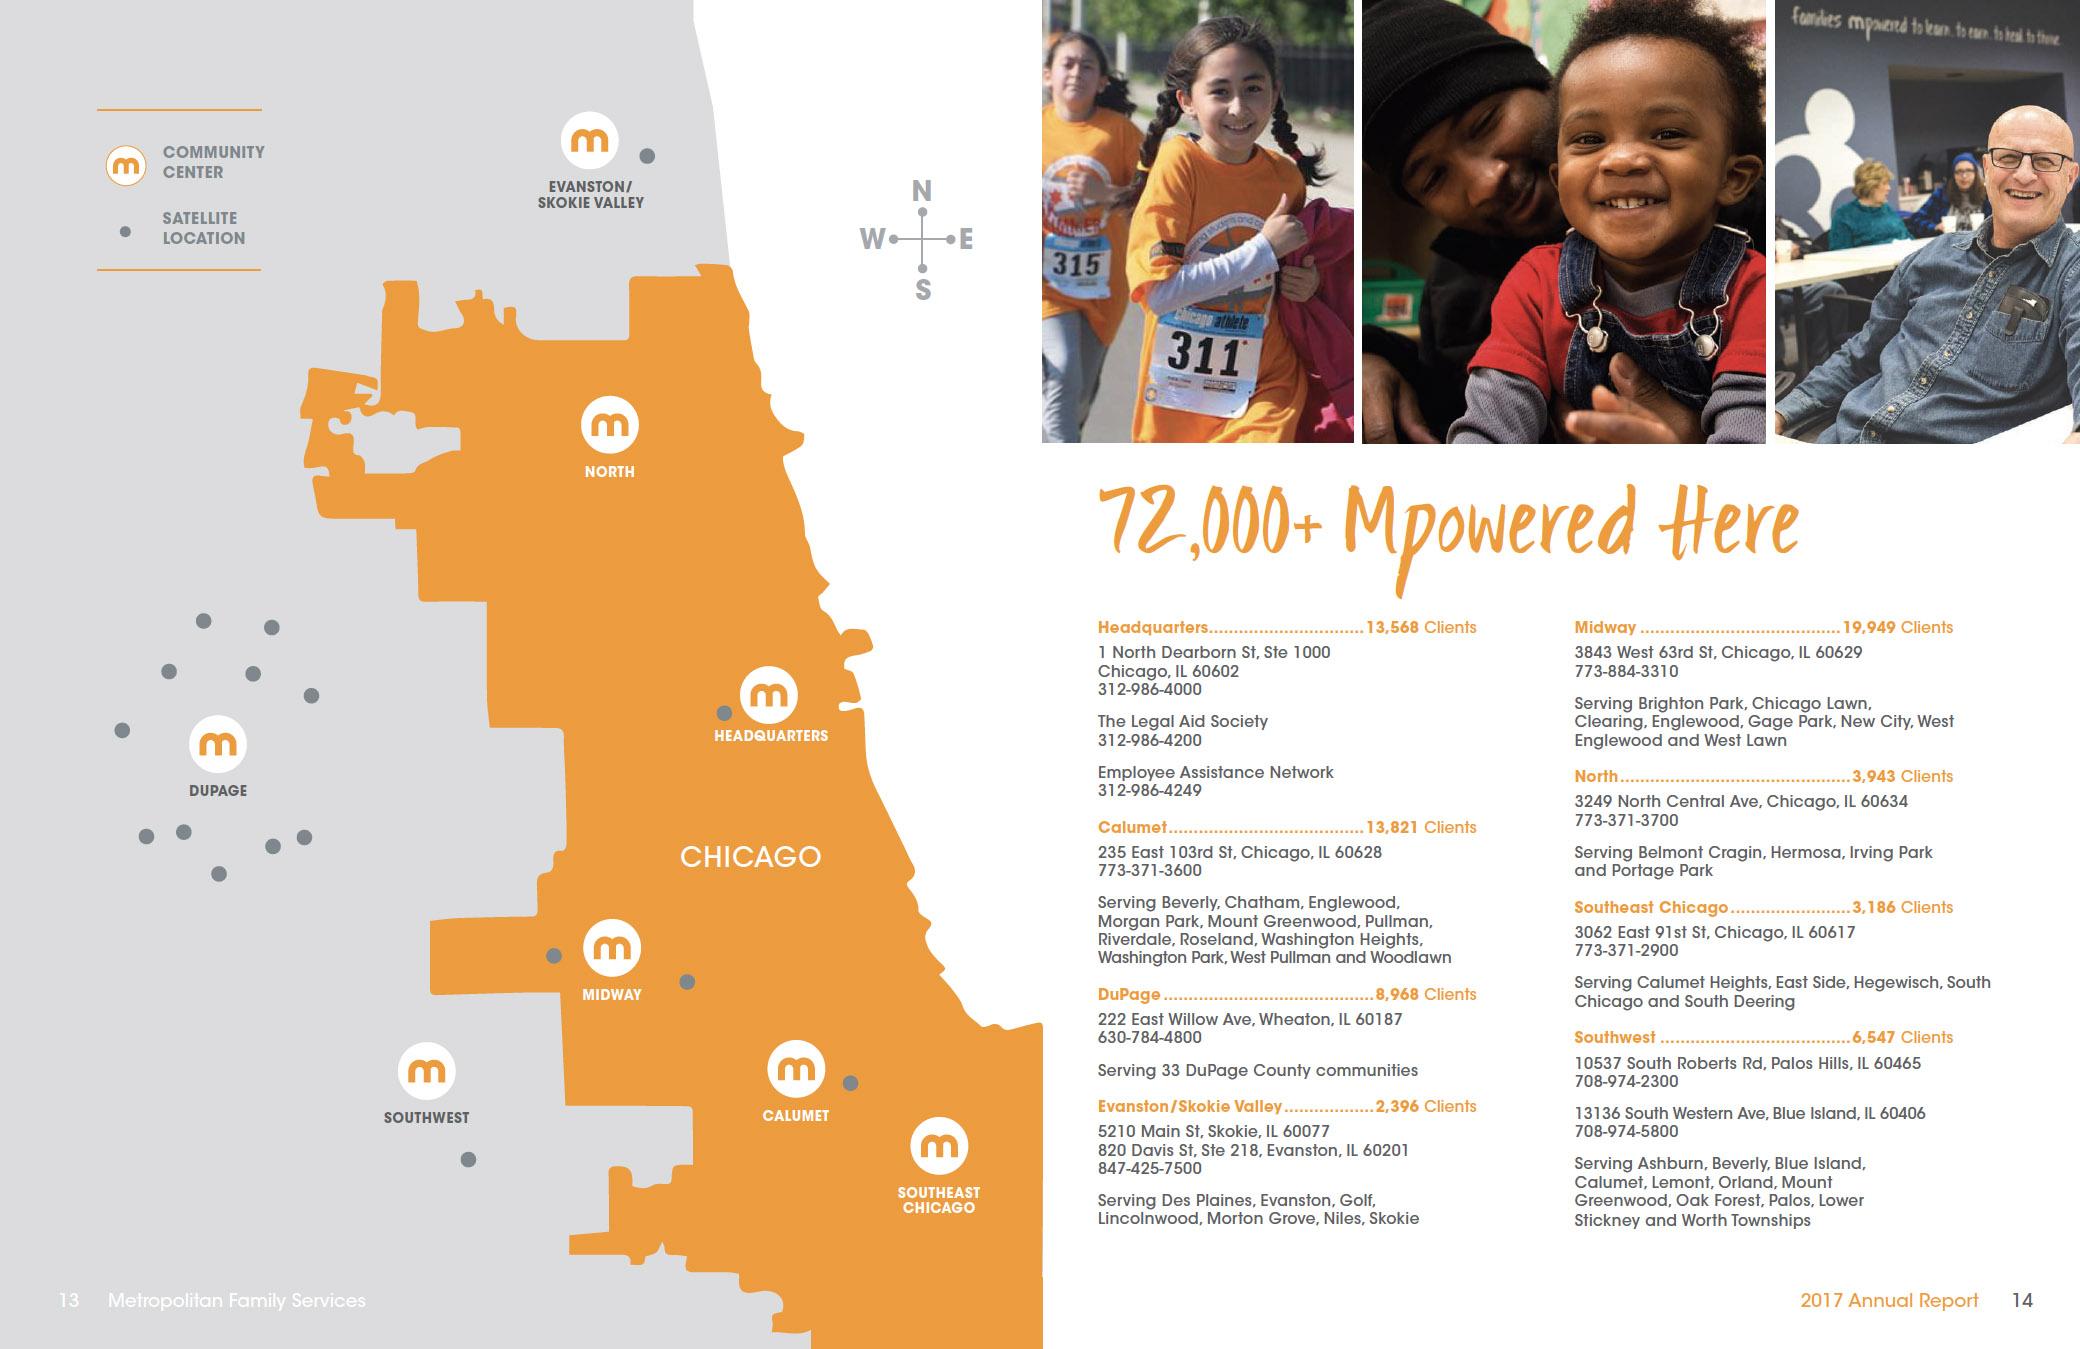 MSF_spread_map.jpg